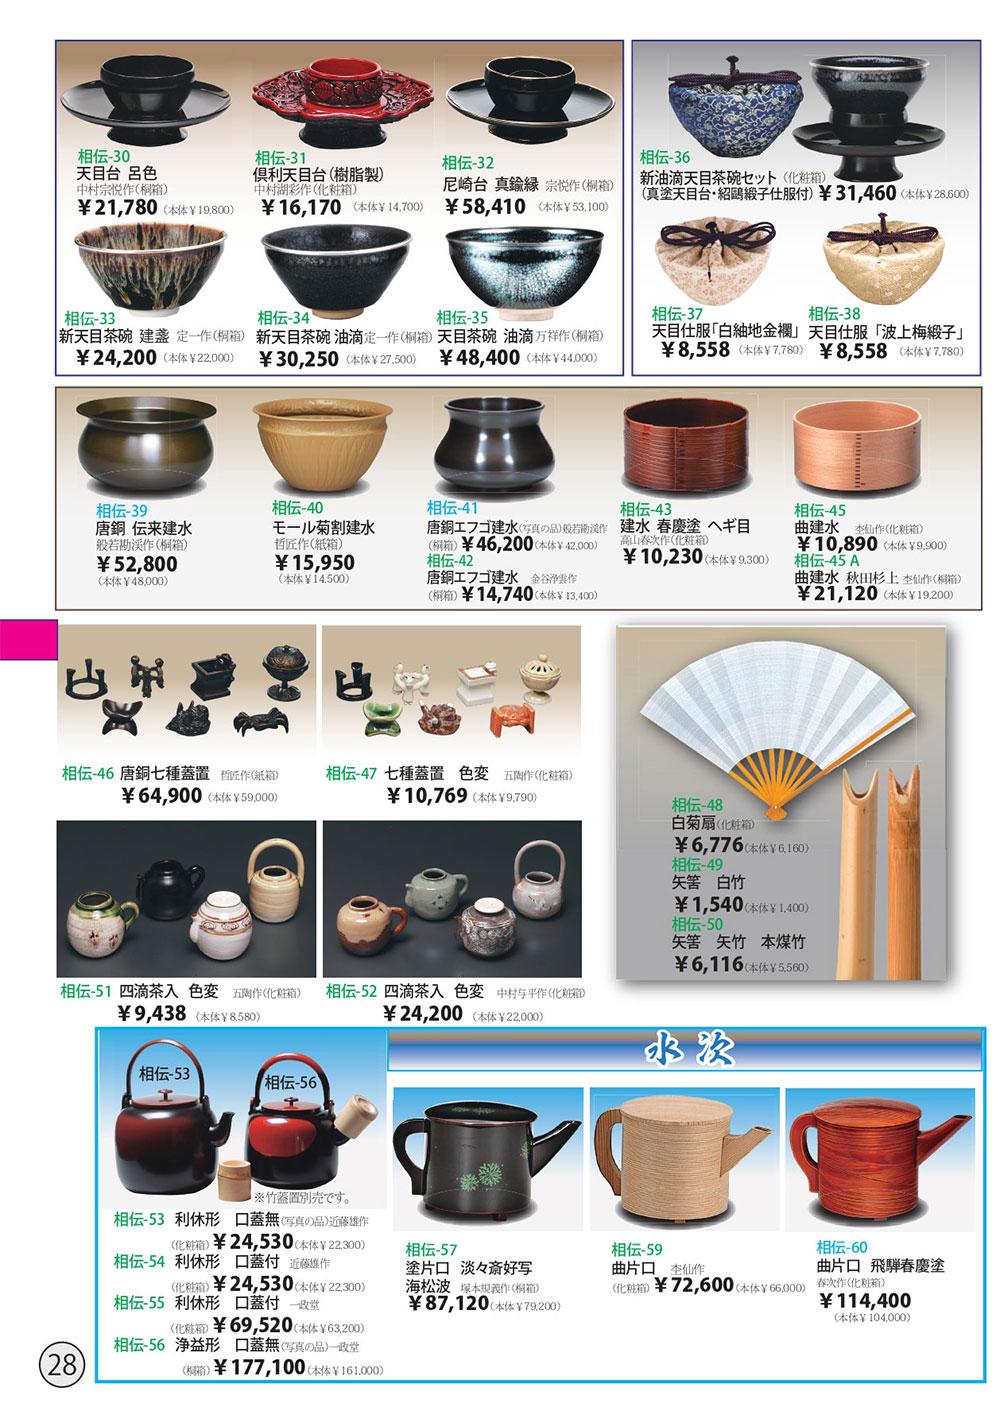 茶道具カタログ P28